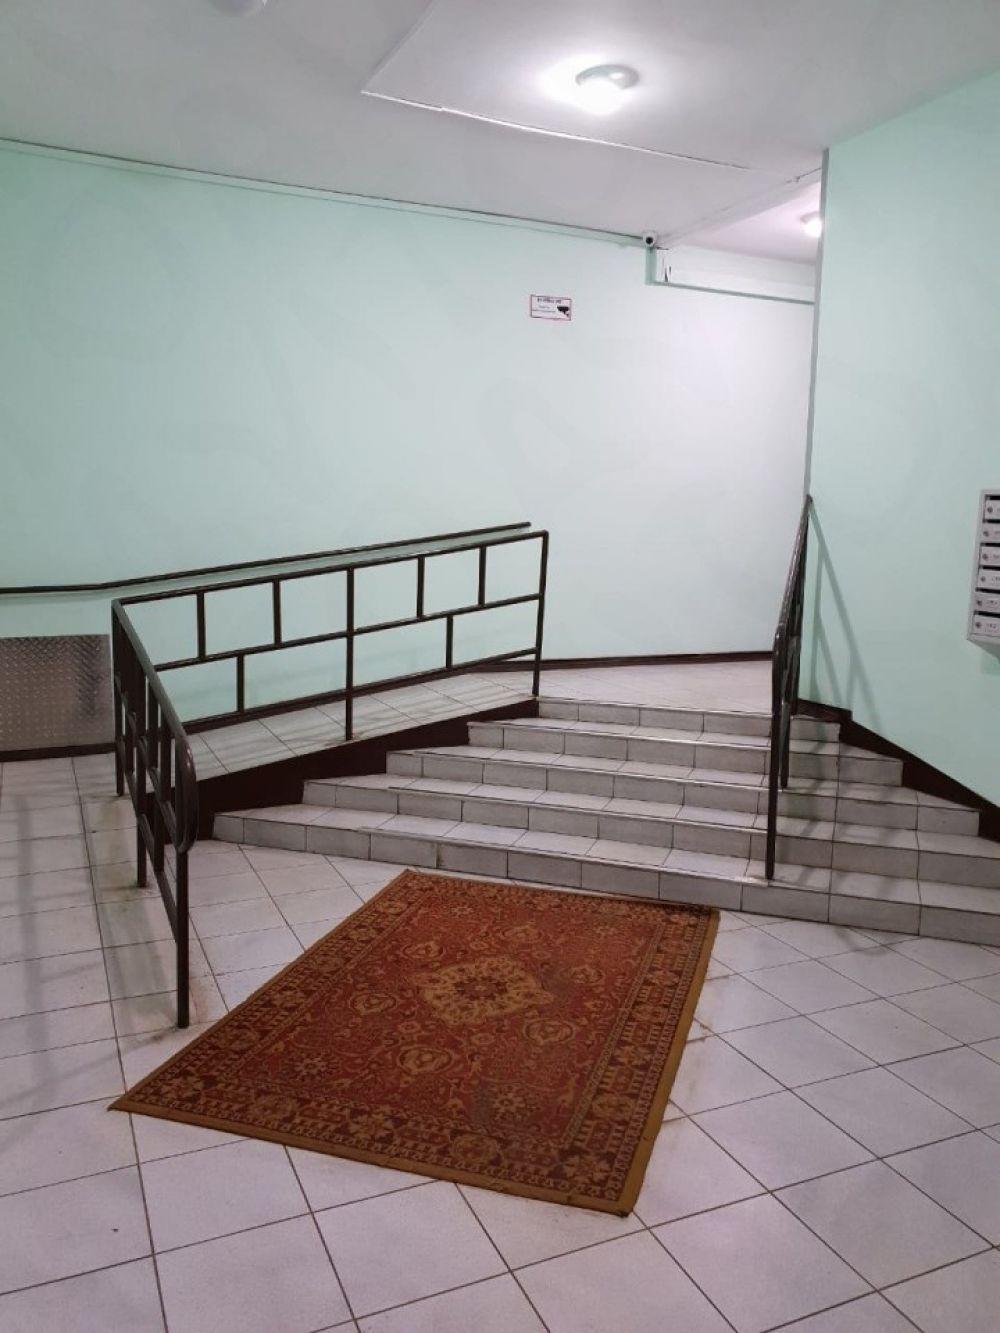 2-к квартира, Щелково, Неделина, 23, фото 16